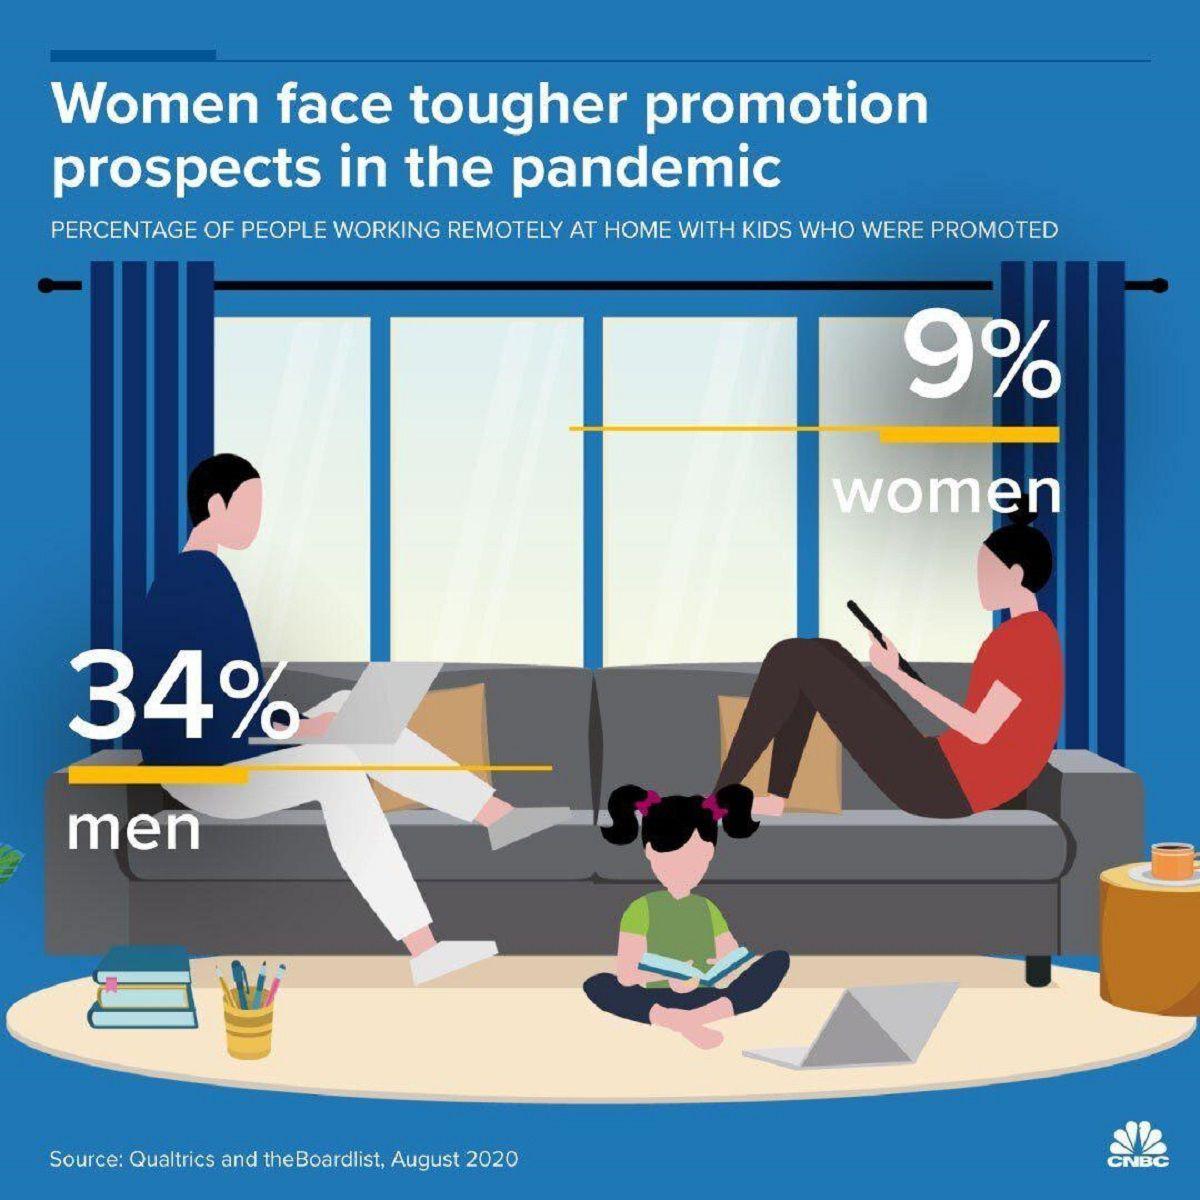 زنان در دوران دورکاری چقدر ترفیع شغلی گرفتند؟/ کرونا تبعیض جنسیتی را وخیمتر کرد